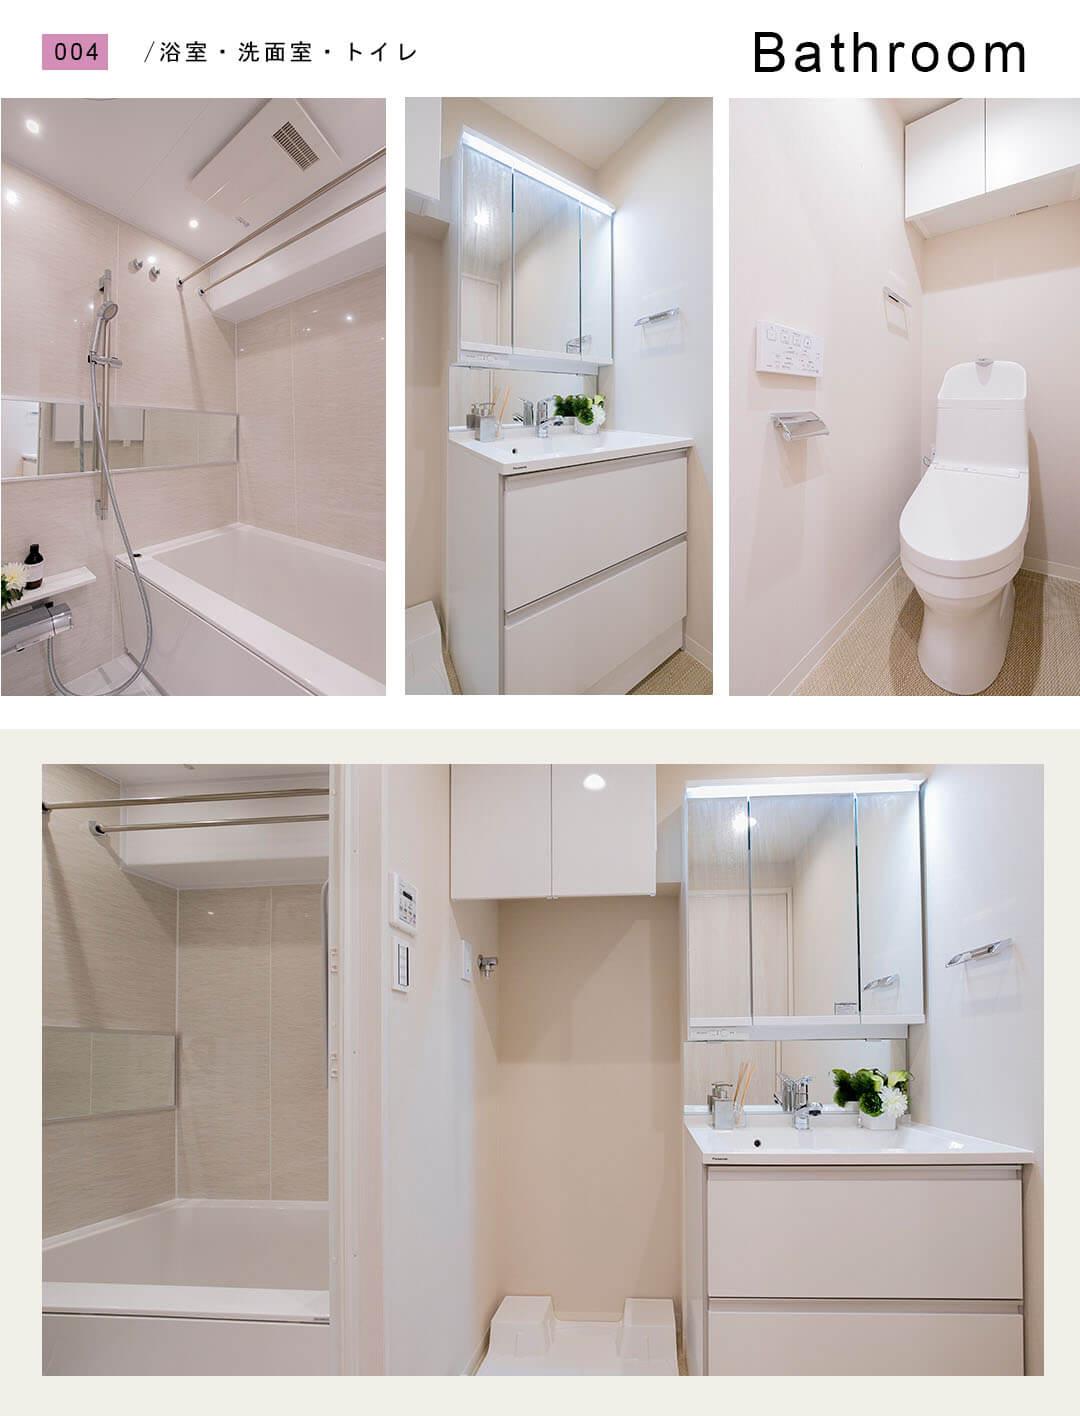 秀和第2田町レジデンスの浴室と洗面室とトイレ